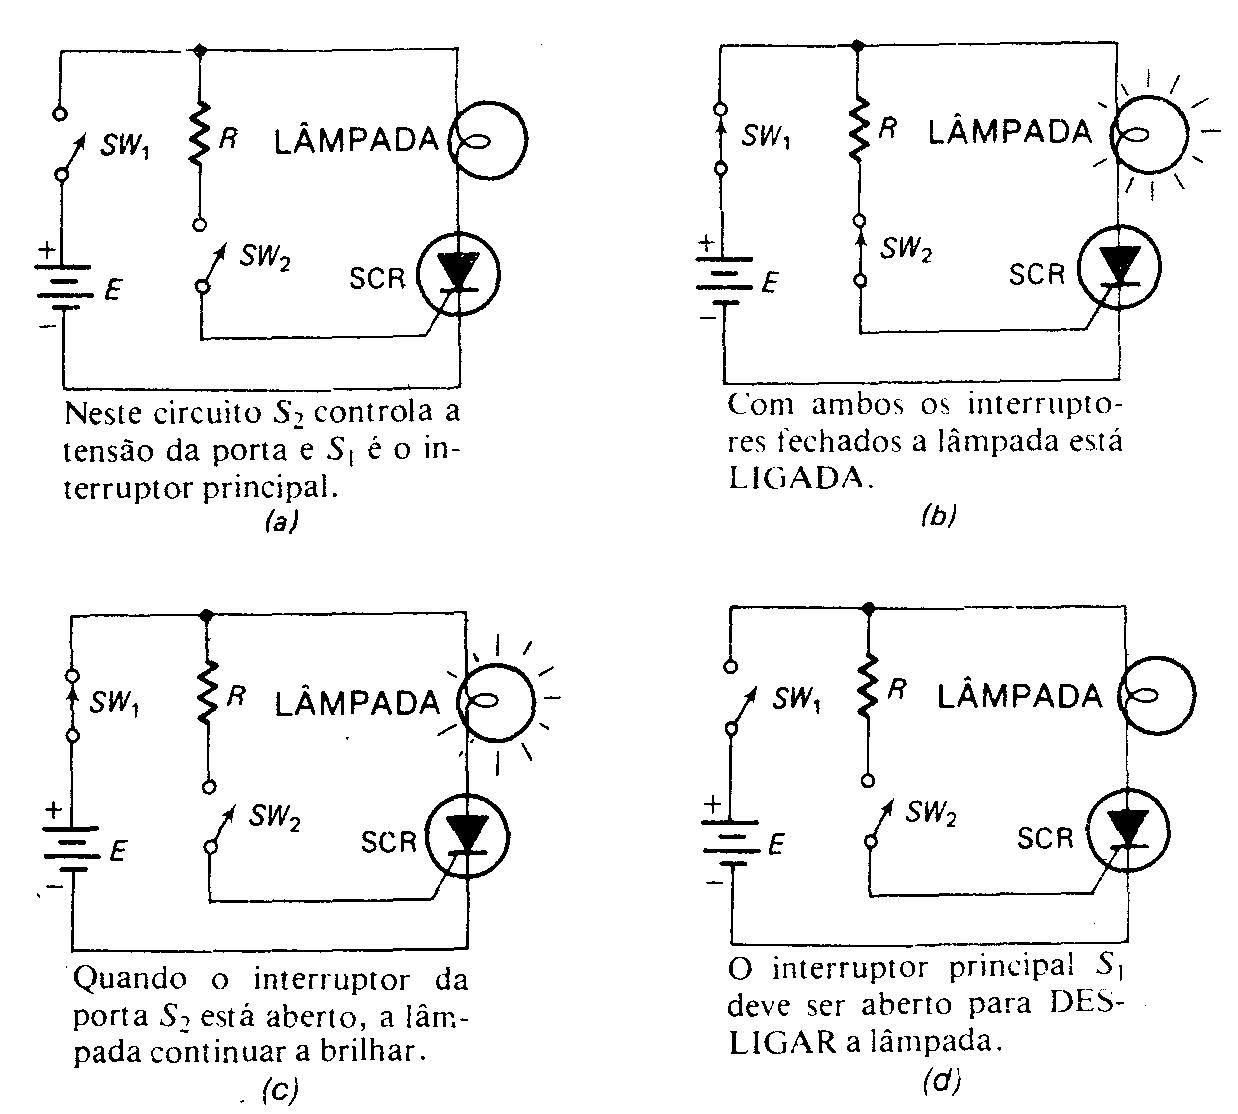 Conhecendo componentes eletronicos - Página 2 Transmissor10